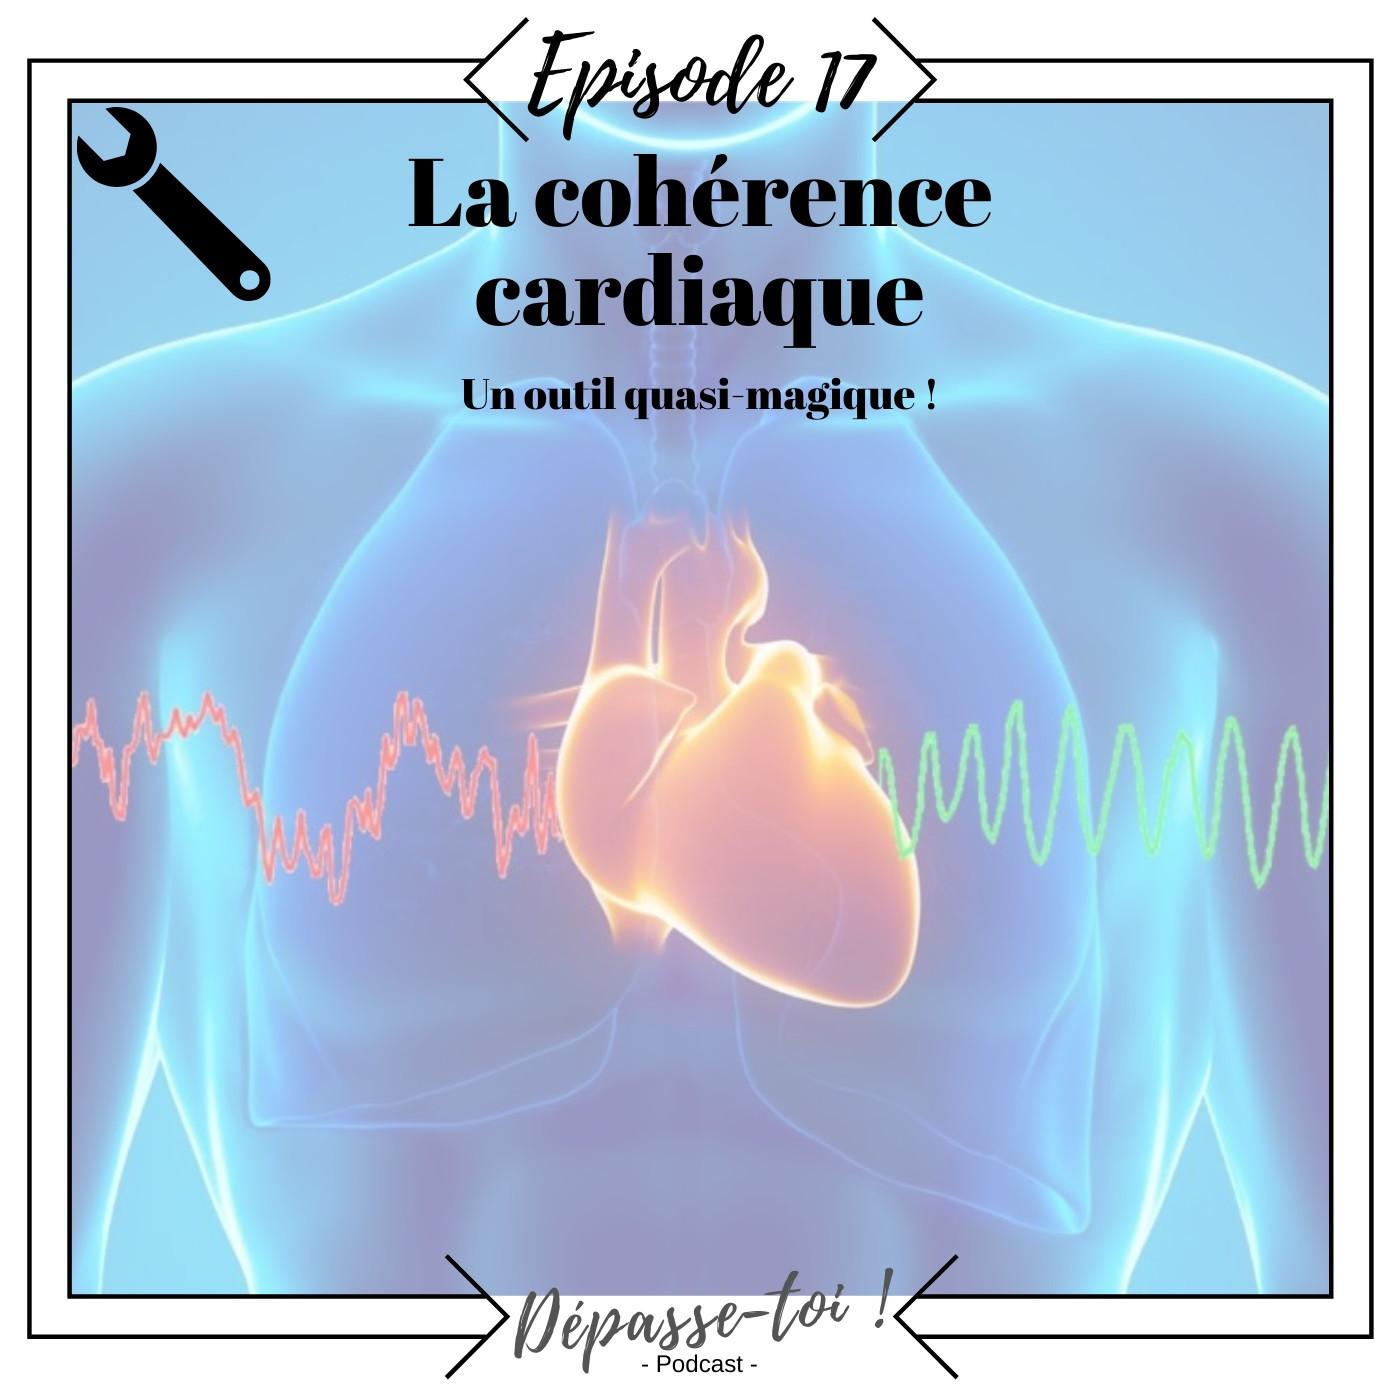 #17 - Comment être moins stressé au quotidien ? La cohérence cardiaque...